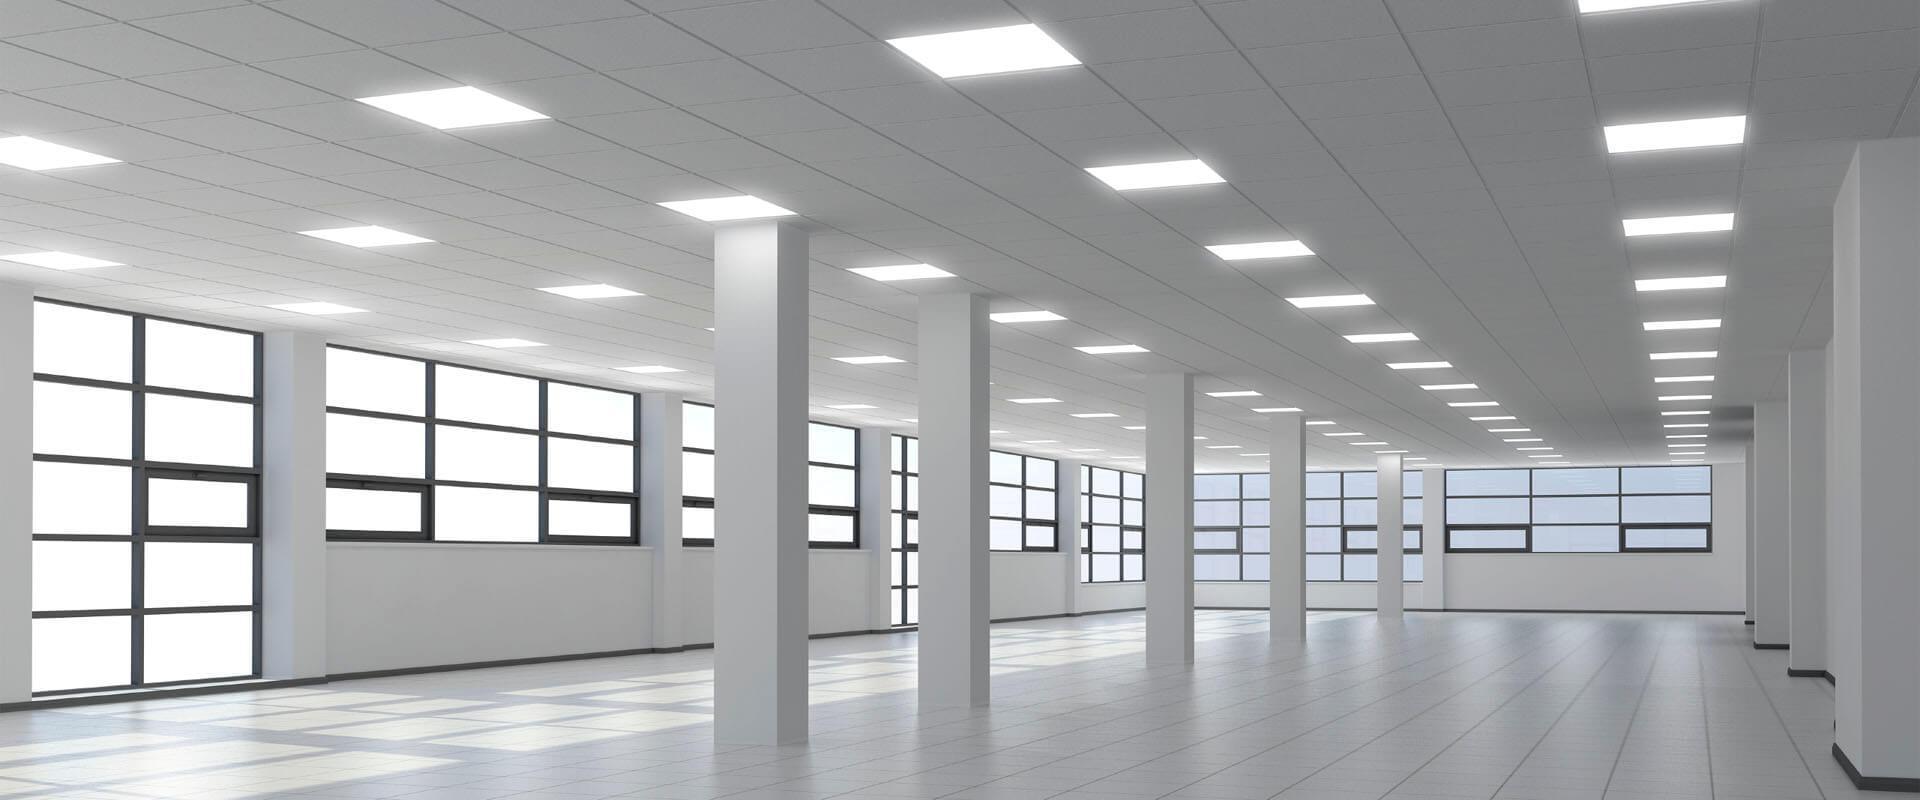 温故知新:LED灯具关键设计问题